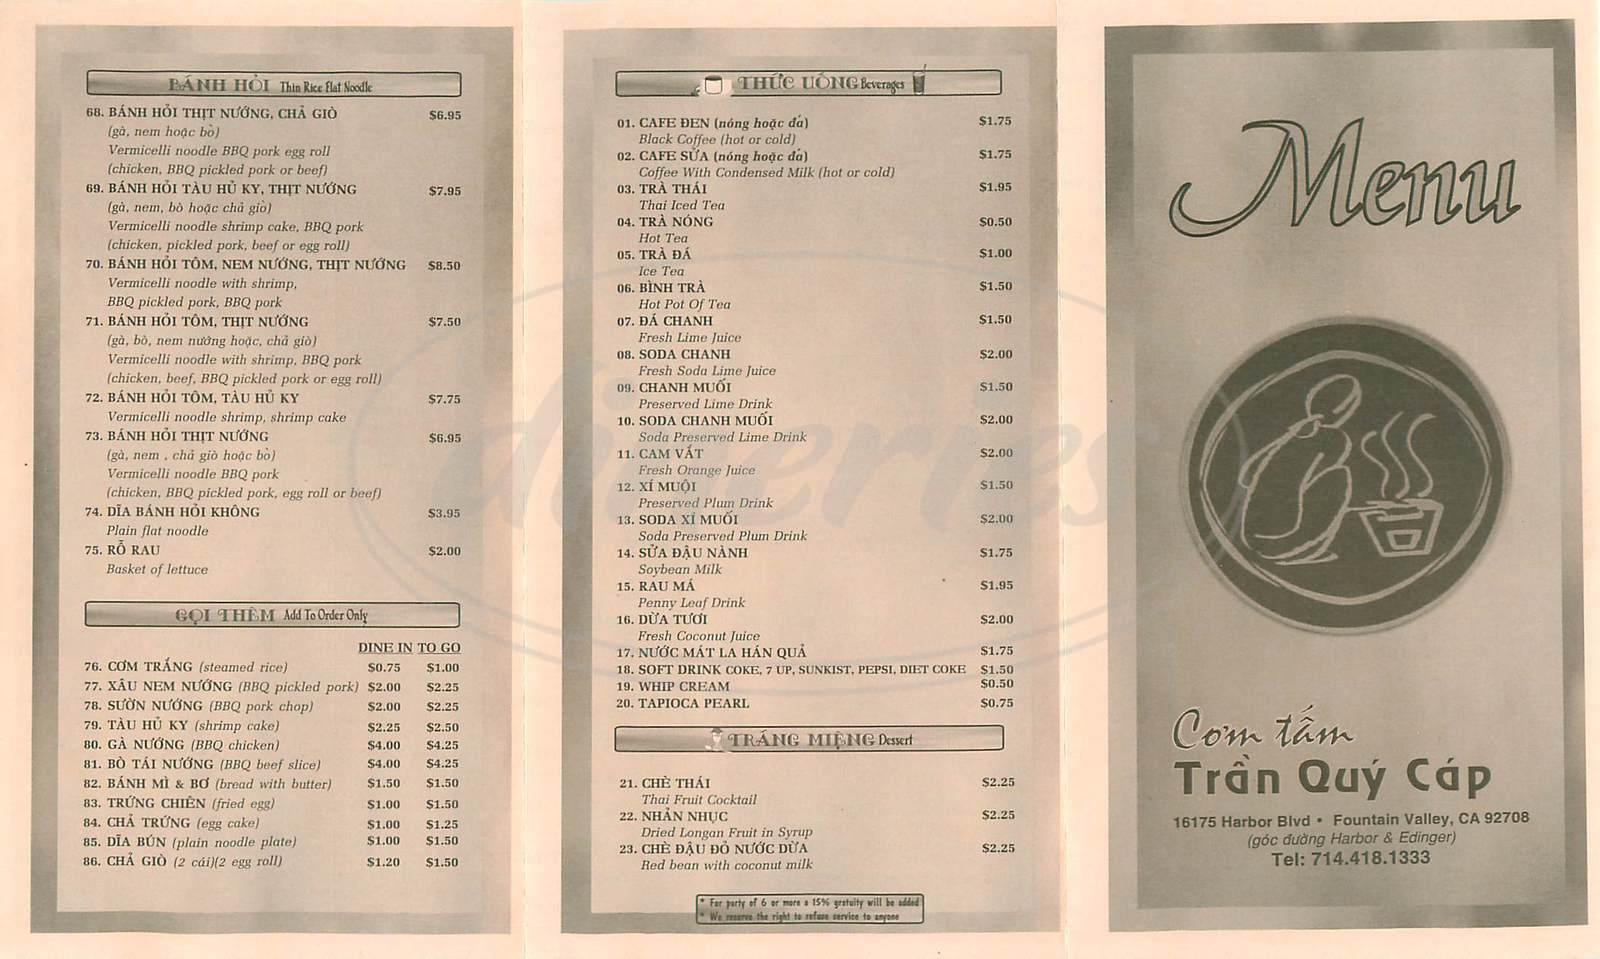 menu for Com Tam Tran Quy Cap